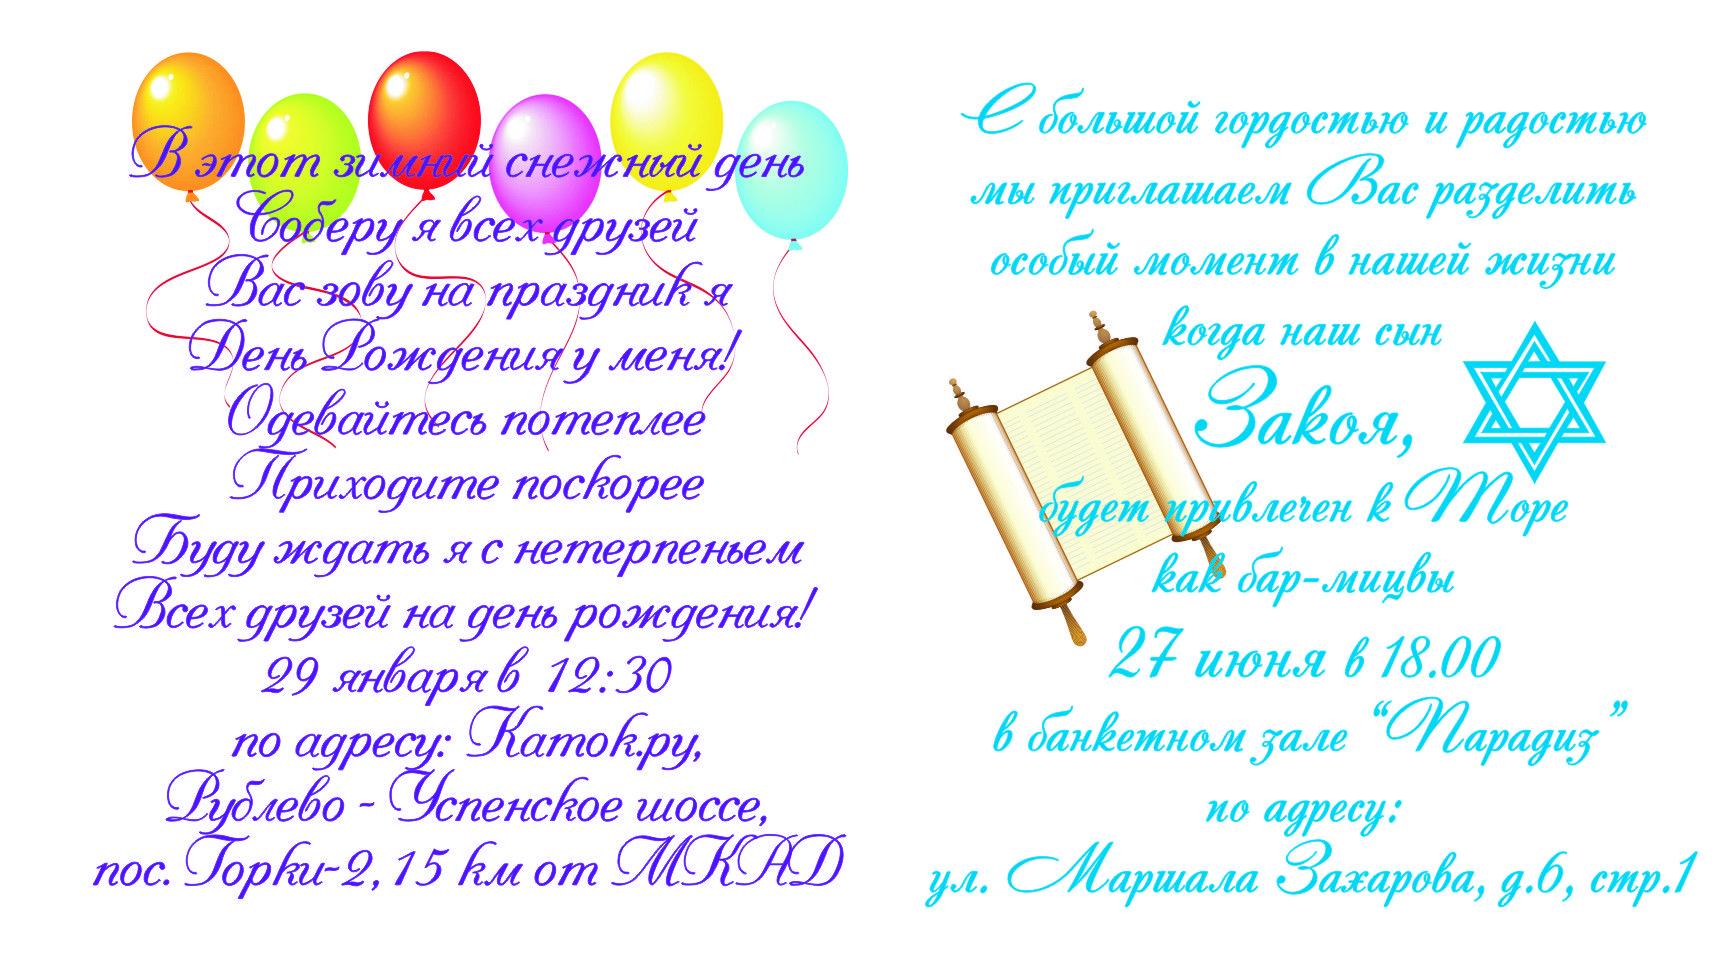 Хорошего, текст пригласительной открытки день рождения